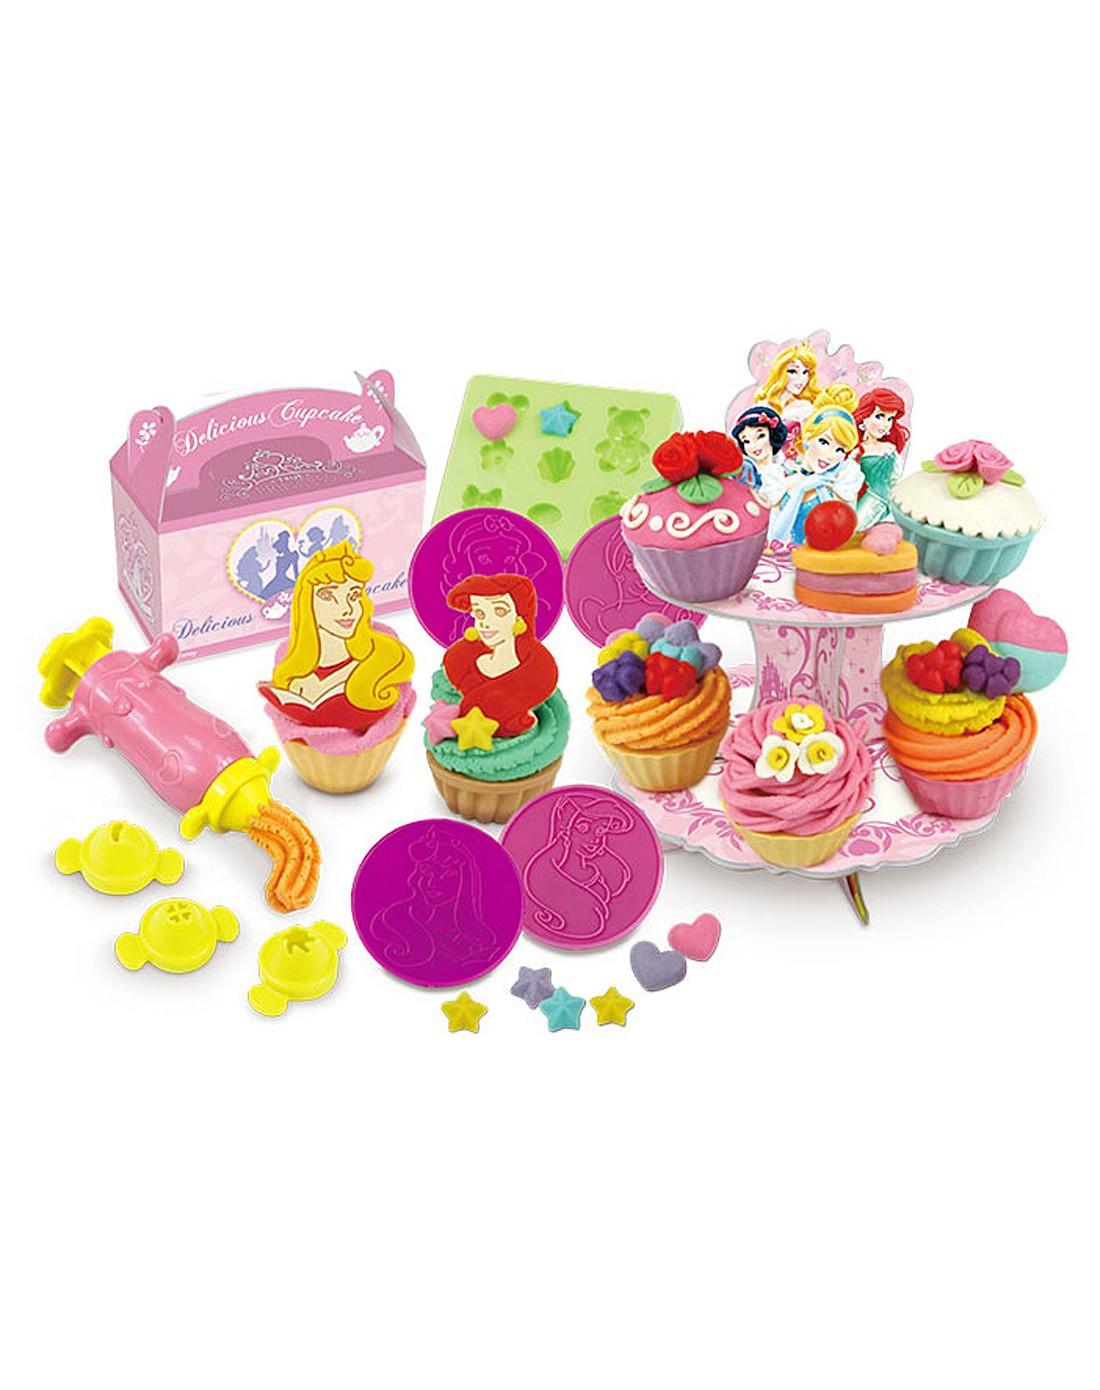 迪士尼公主彩泥 杯子蛋糕组合